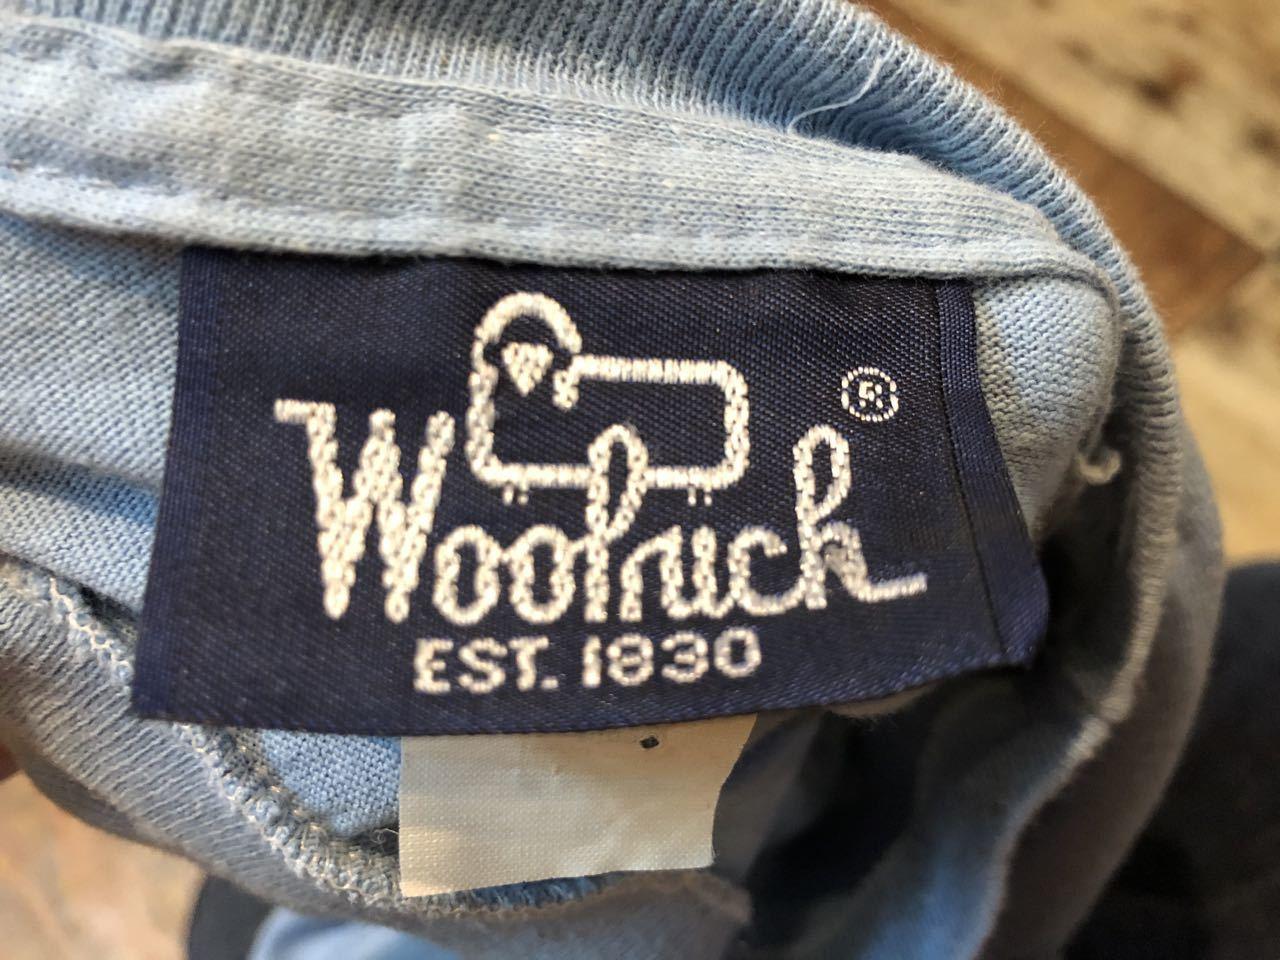 8月1日(土)入荷!80s MADE IN U.S.A  woolrich  ウールリッチ Tシャツ! _c0144020_13265318.jpg